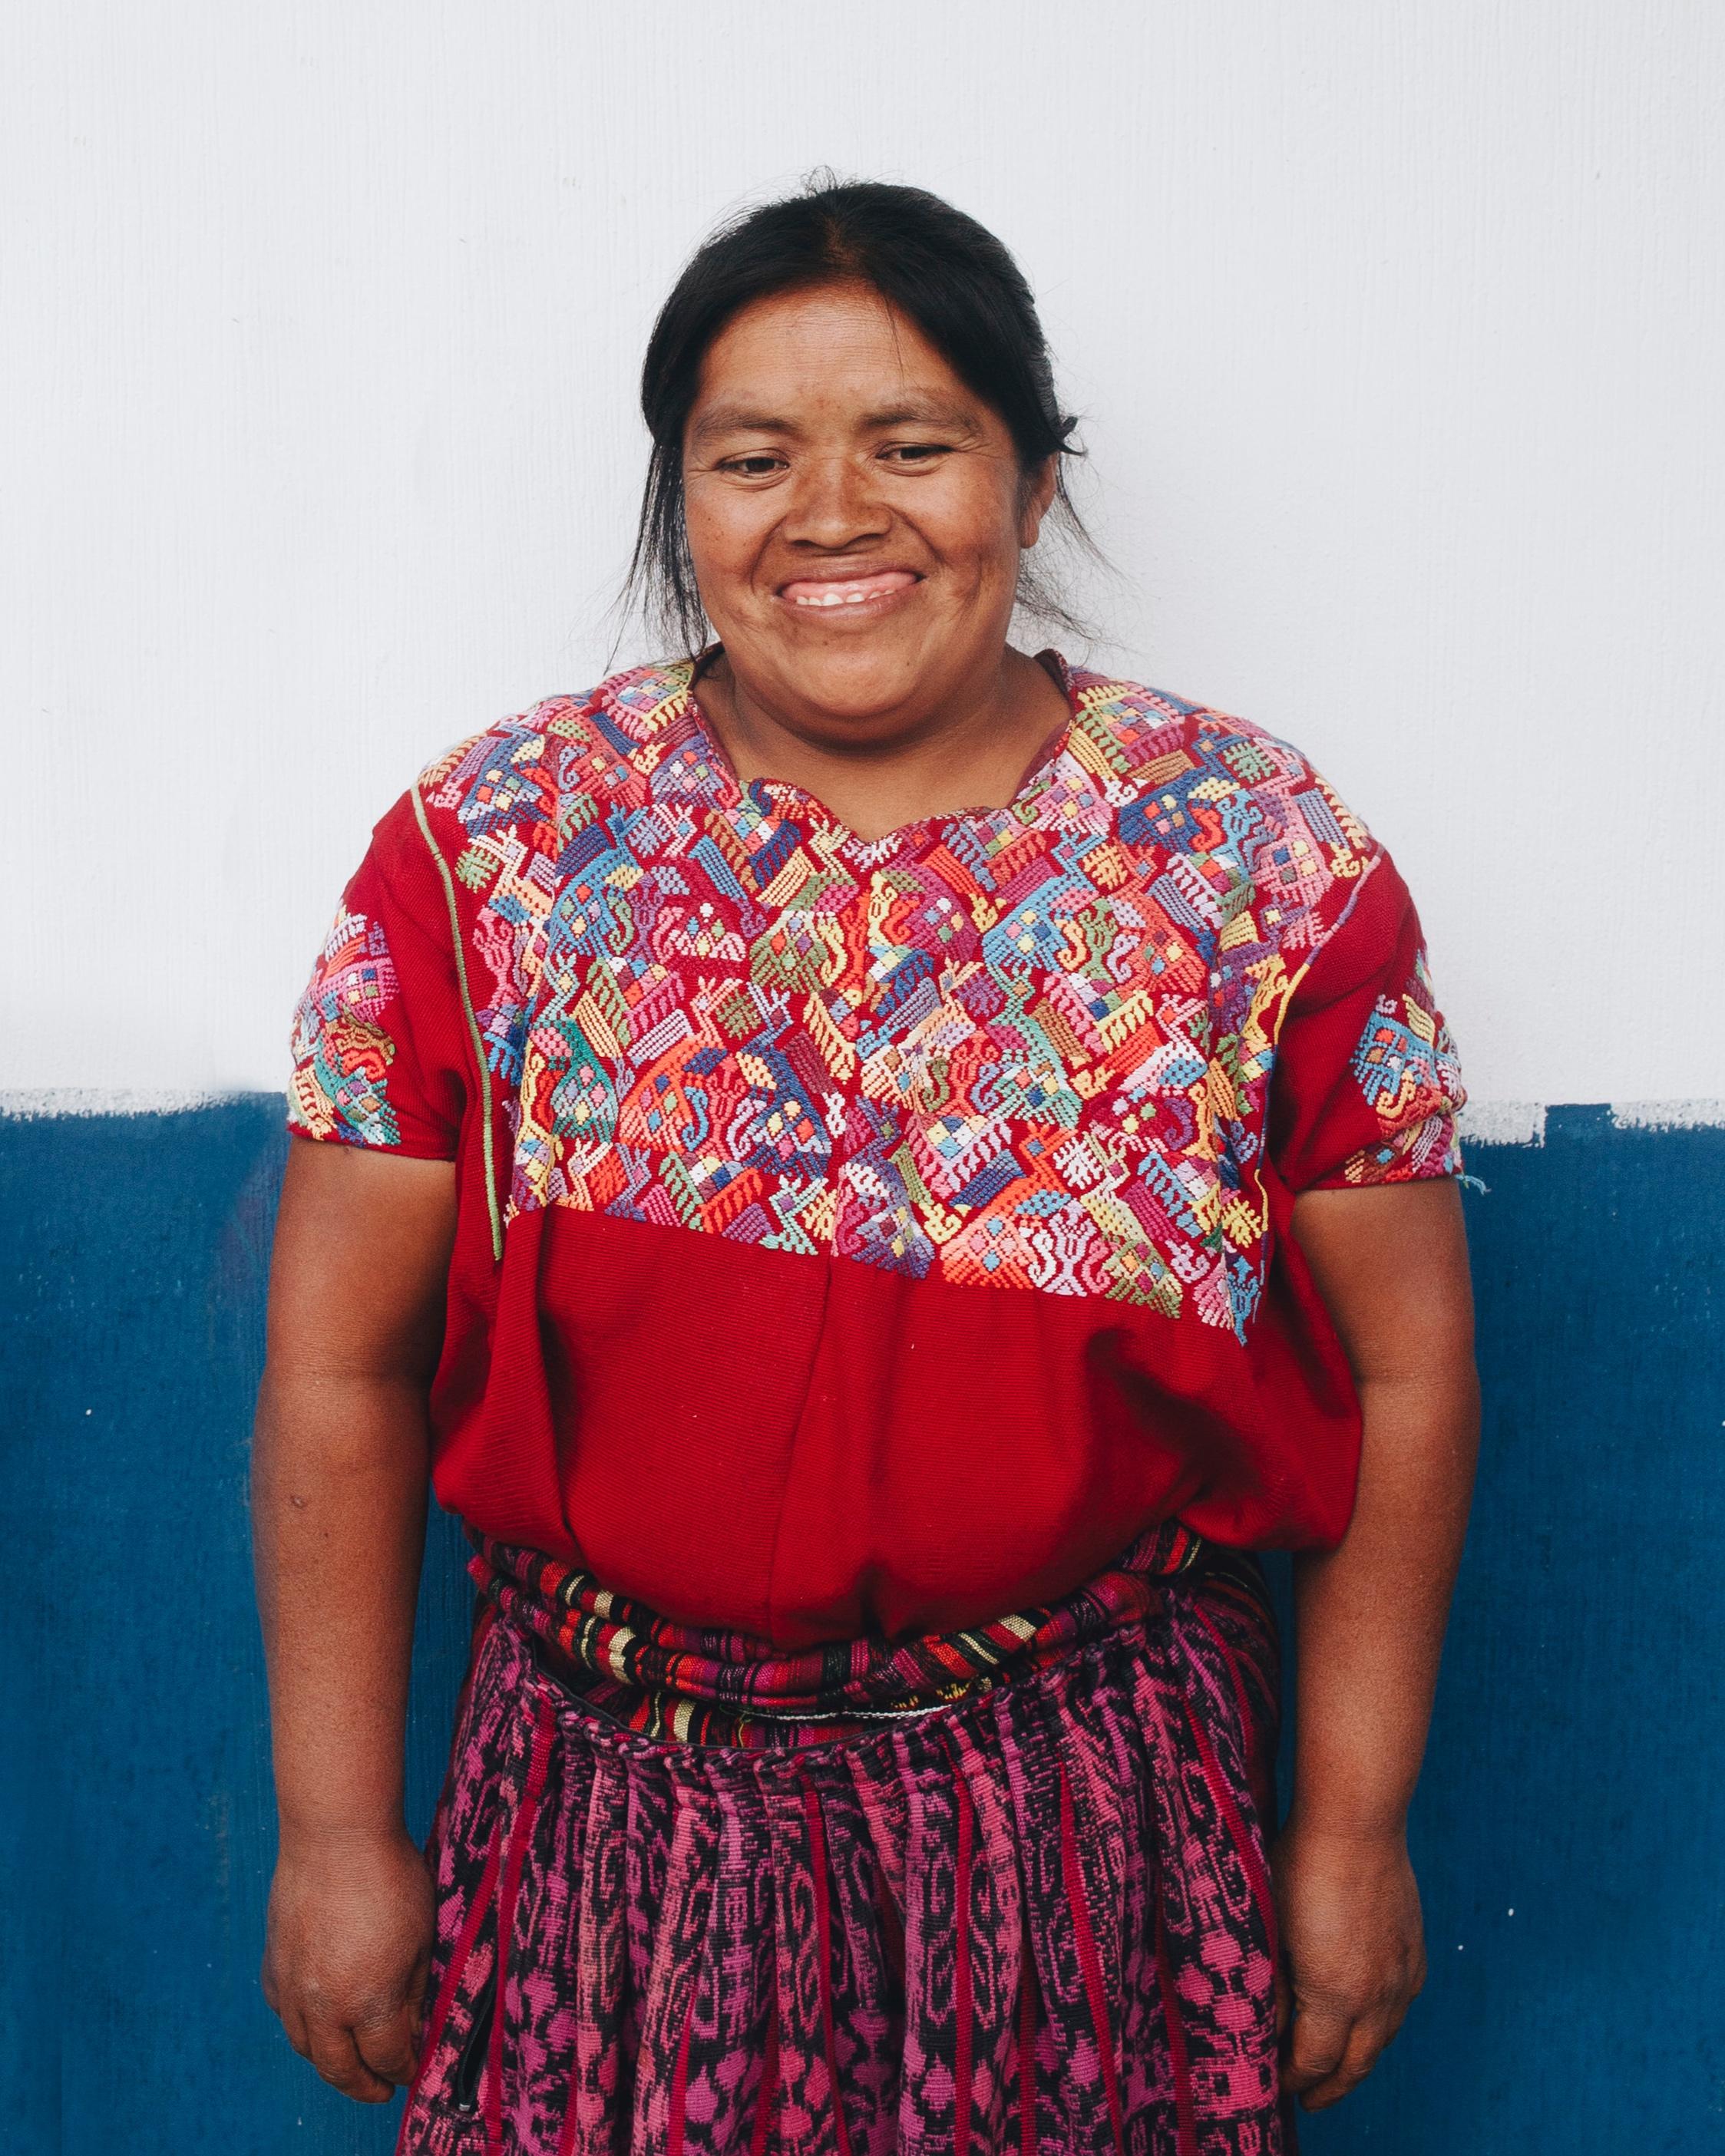 Susana Marroquín - Espumpuja